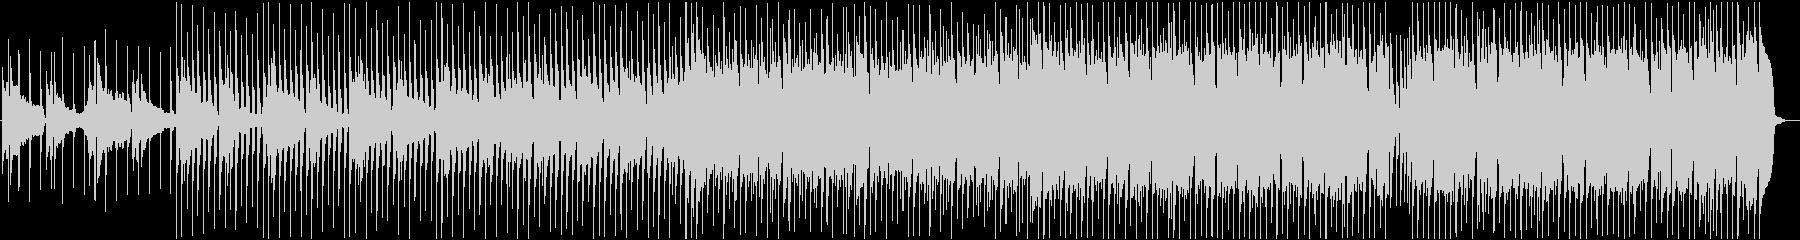 透明感あるピアノメインのEDMの未再生の波形